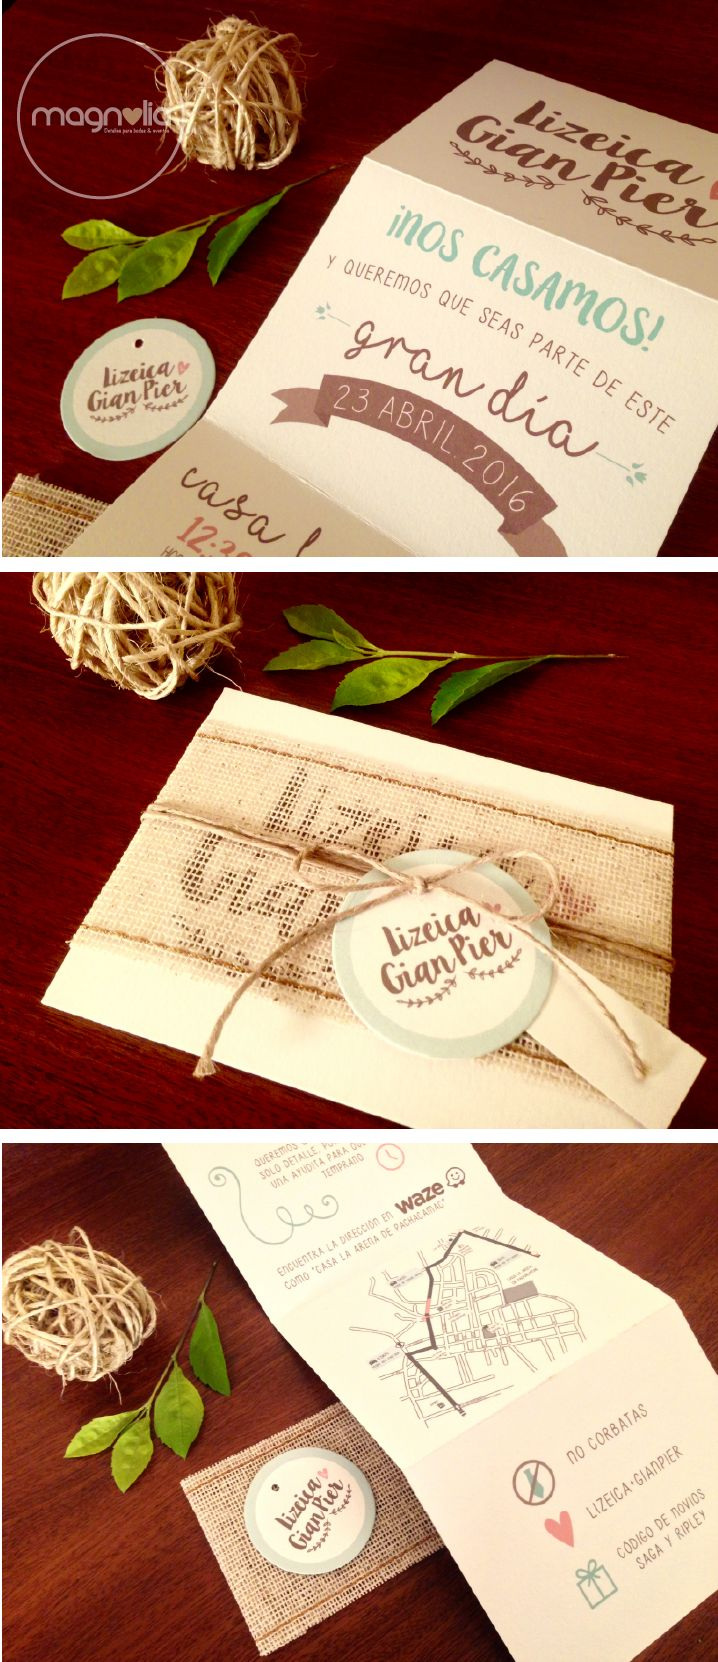 Invitación ideal para una boda campestre y divertida!   #InvitacionesDeBoda #PartesDeBoda #BodasOriginales #BodasCampestres #DetallesParaBodas